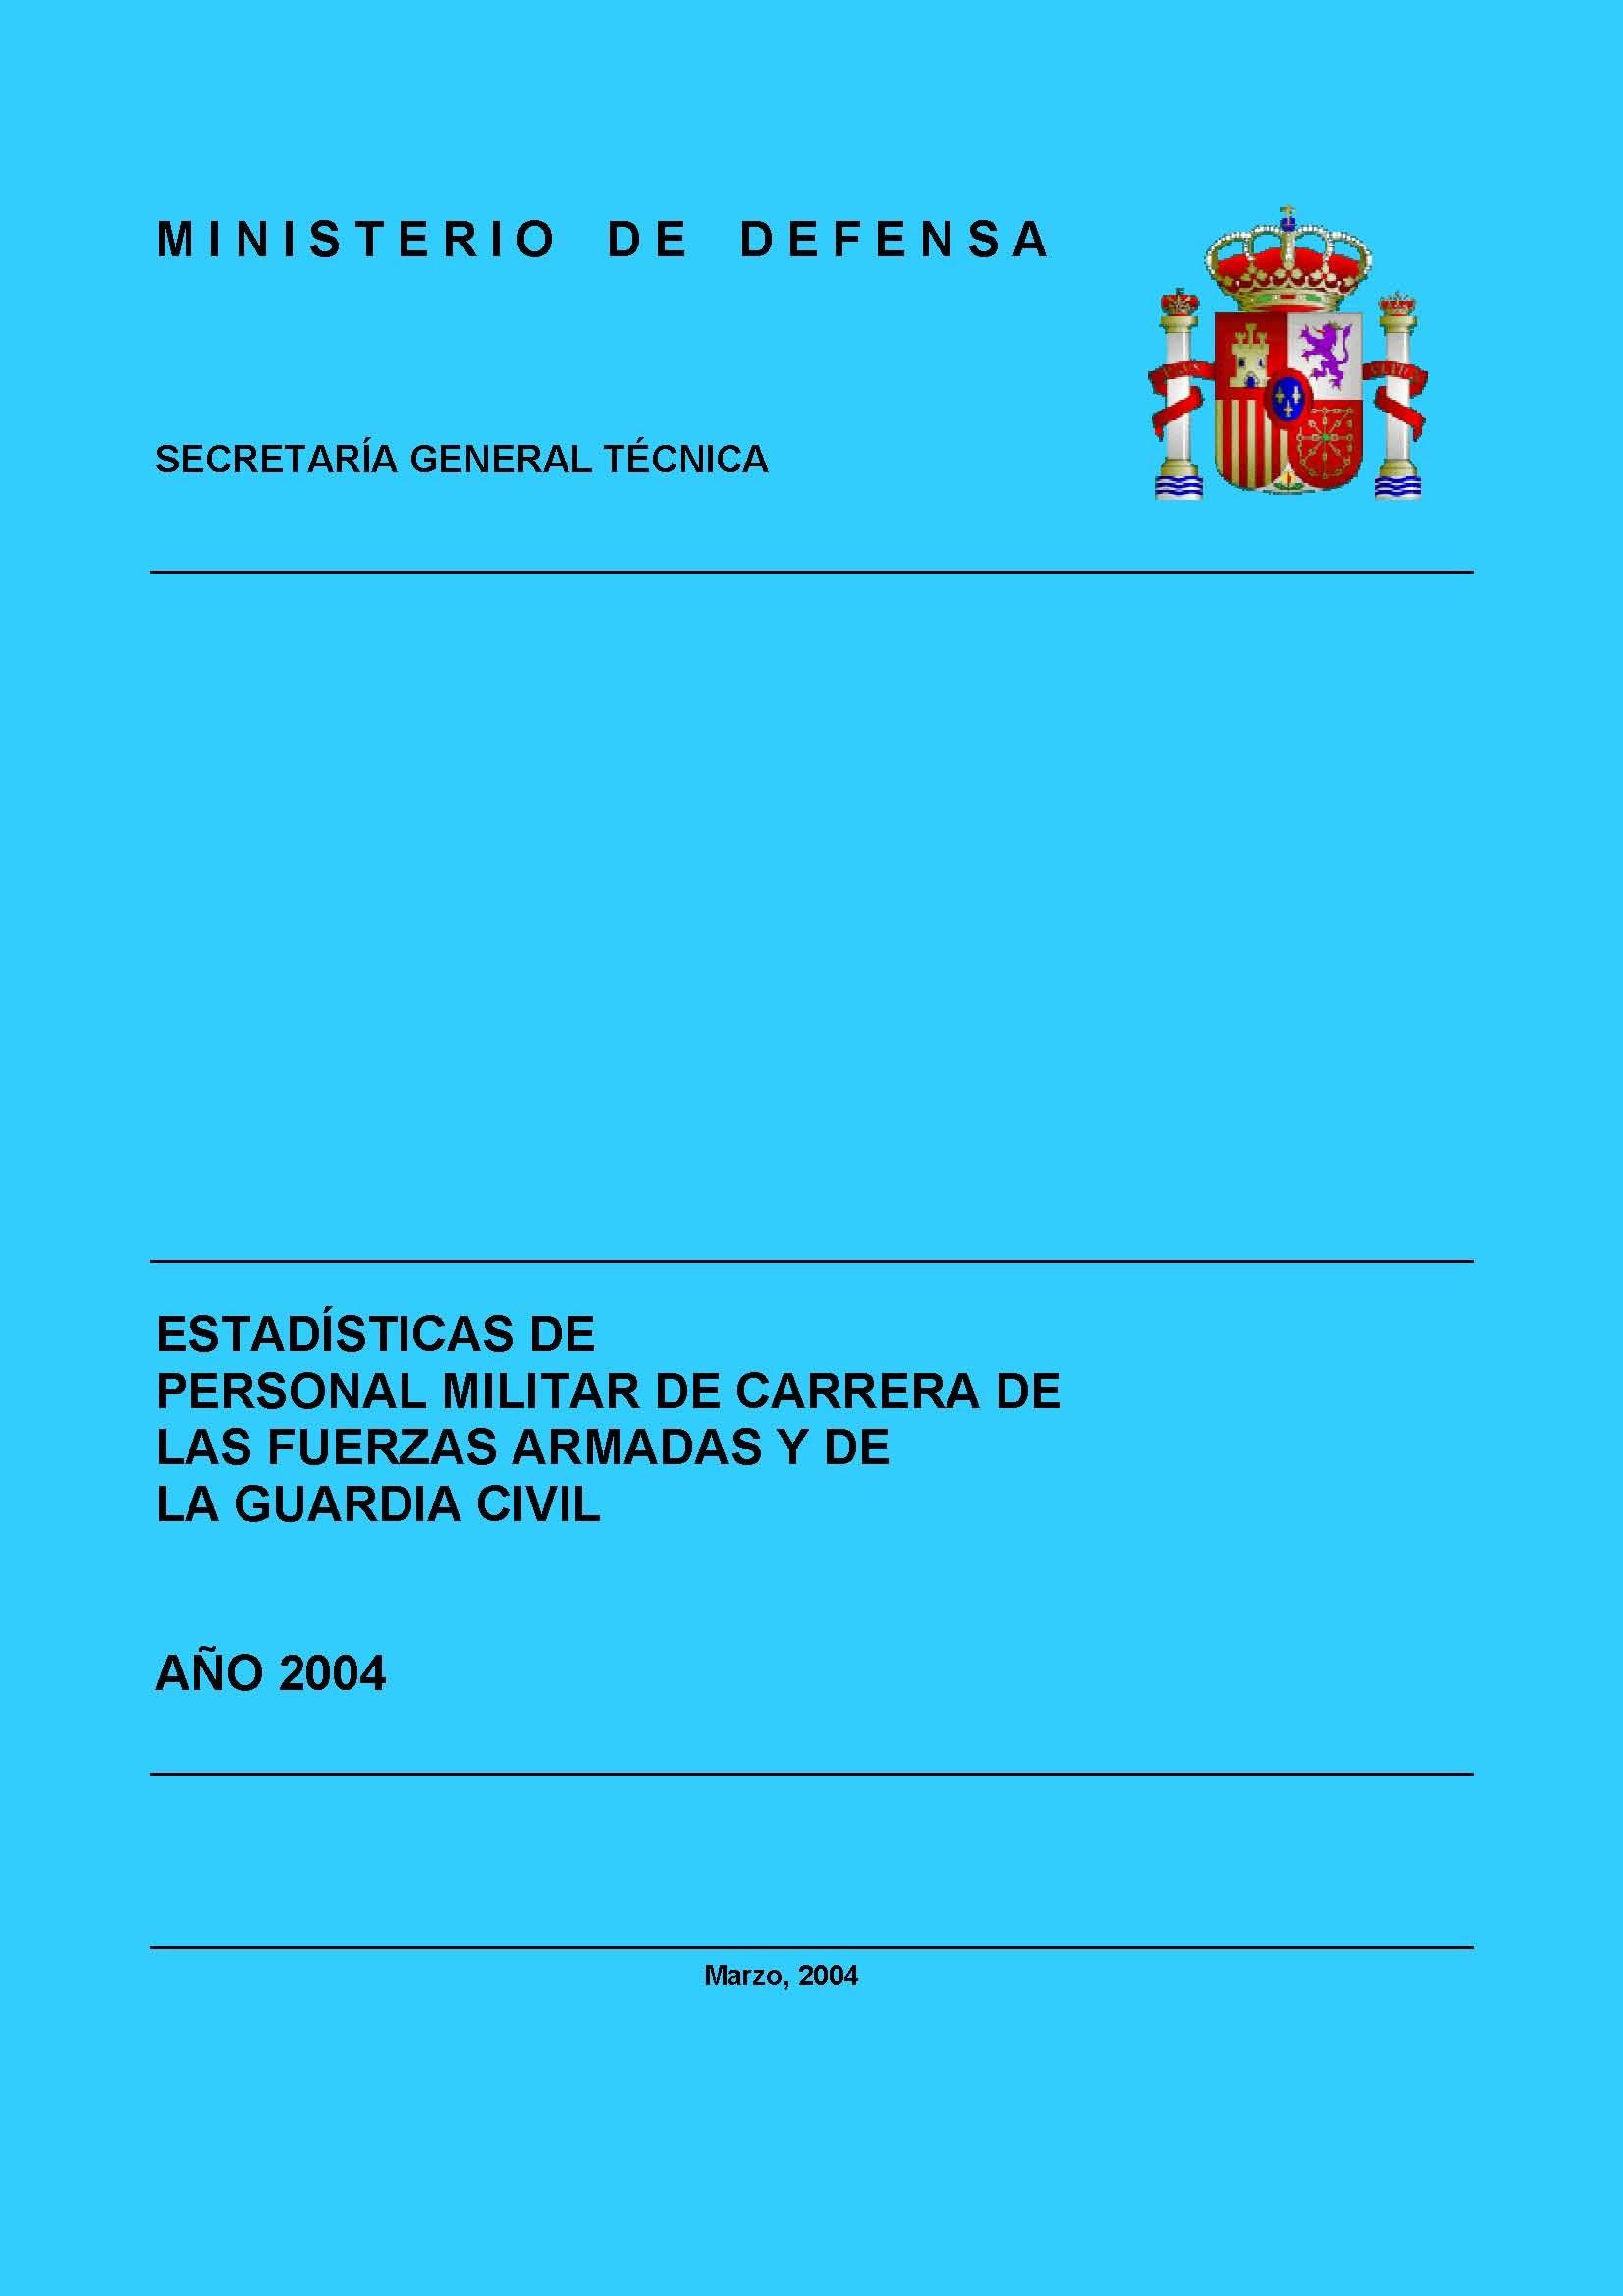 ESTADÍSTICA DEL PERSONAL MILITAR DE CARRERA DE LAS FUERZAS ARMADAS Y DE LA GUARDIA CIVIL 2004